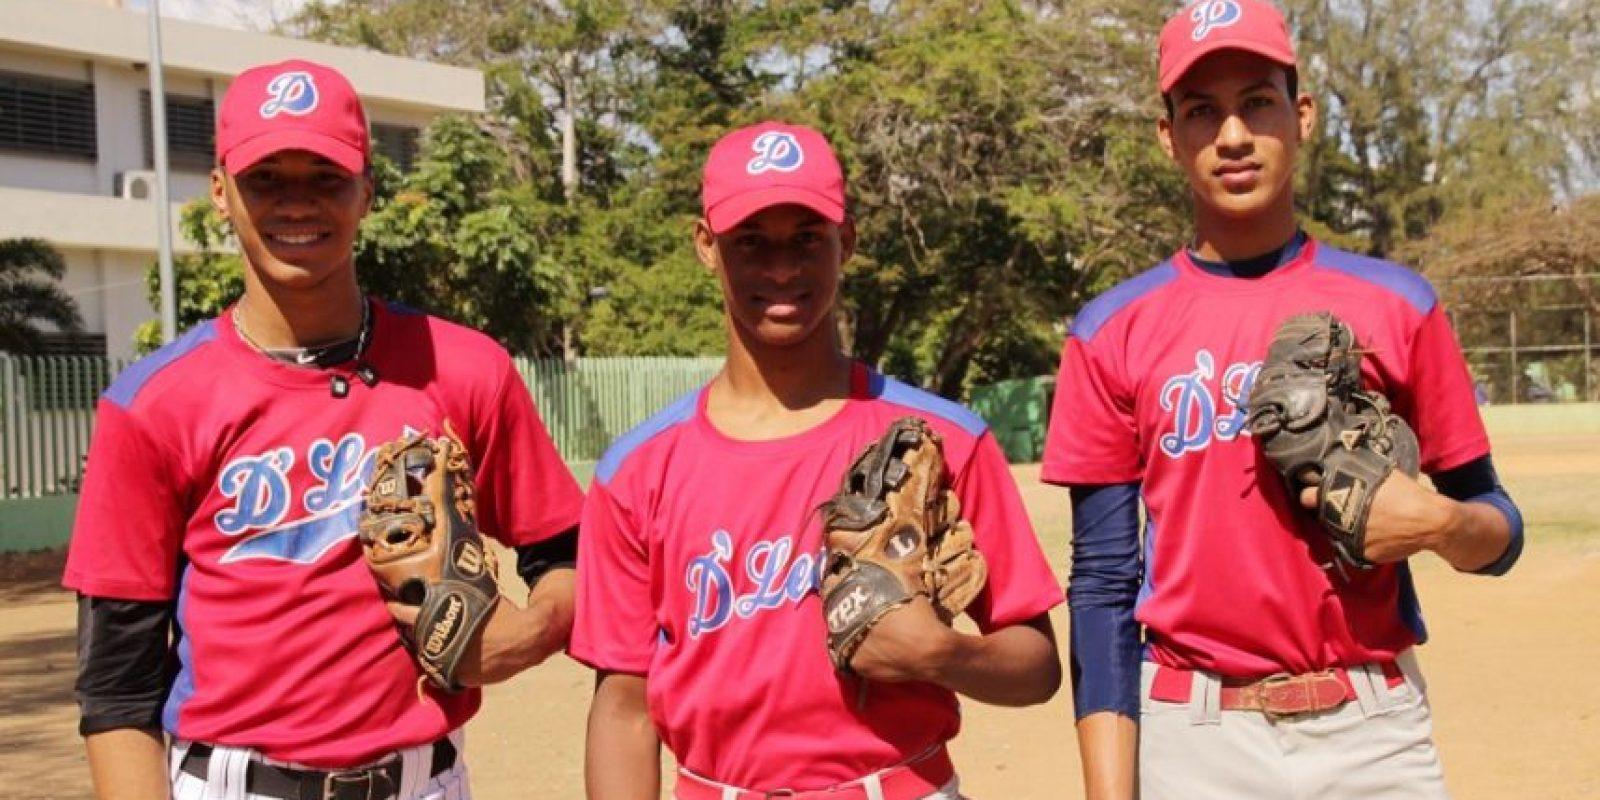 José Acosta, Máximo Cortés y Yeuris Guillermo, del equipo juvenil de la Liga De León. Foto:Fuente Externa